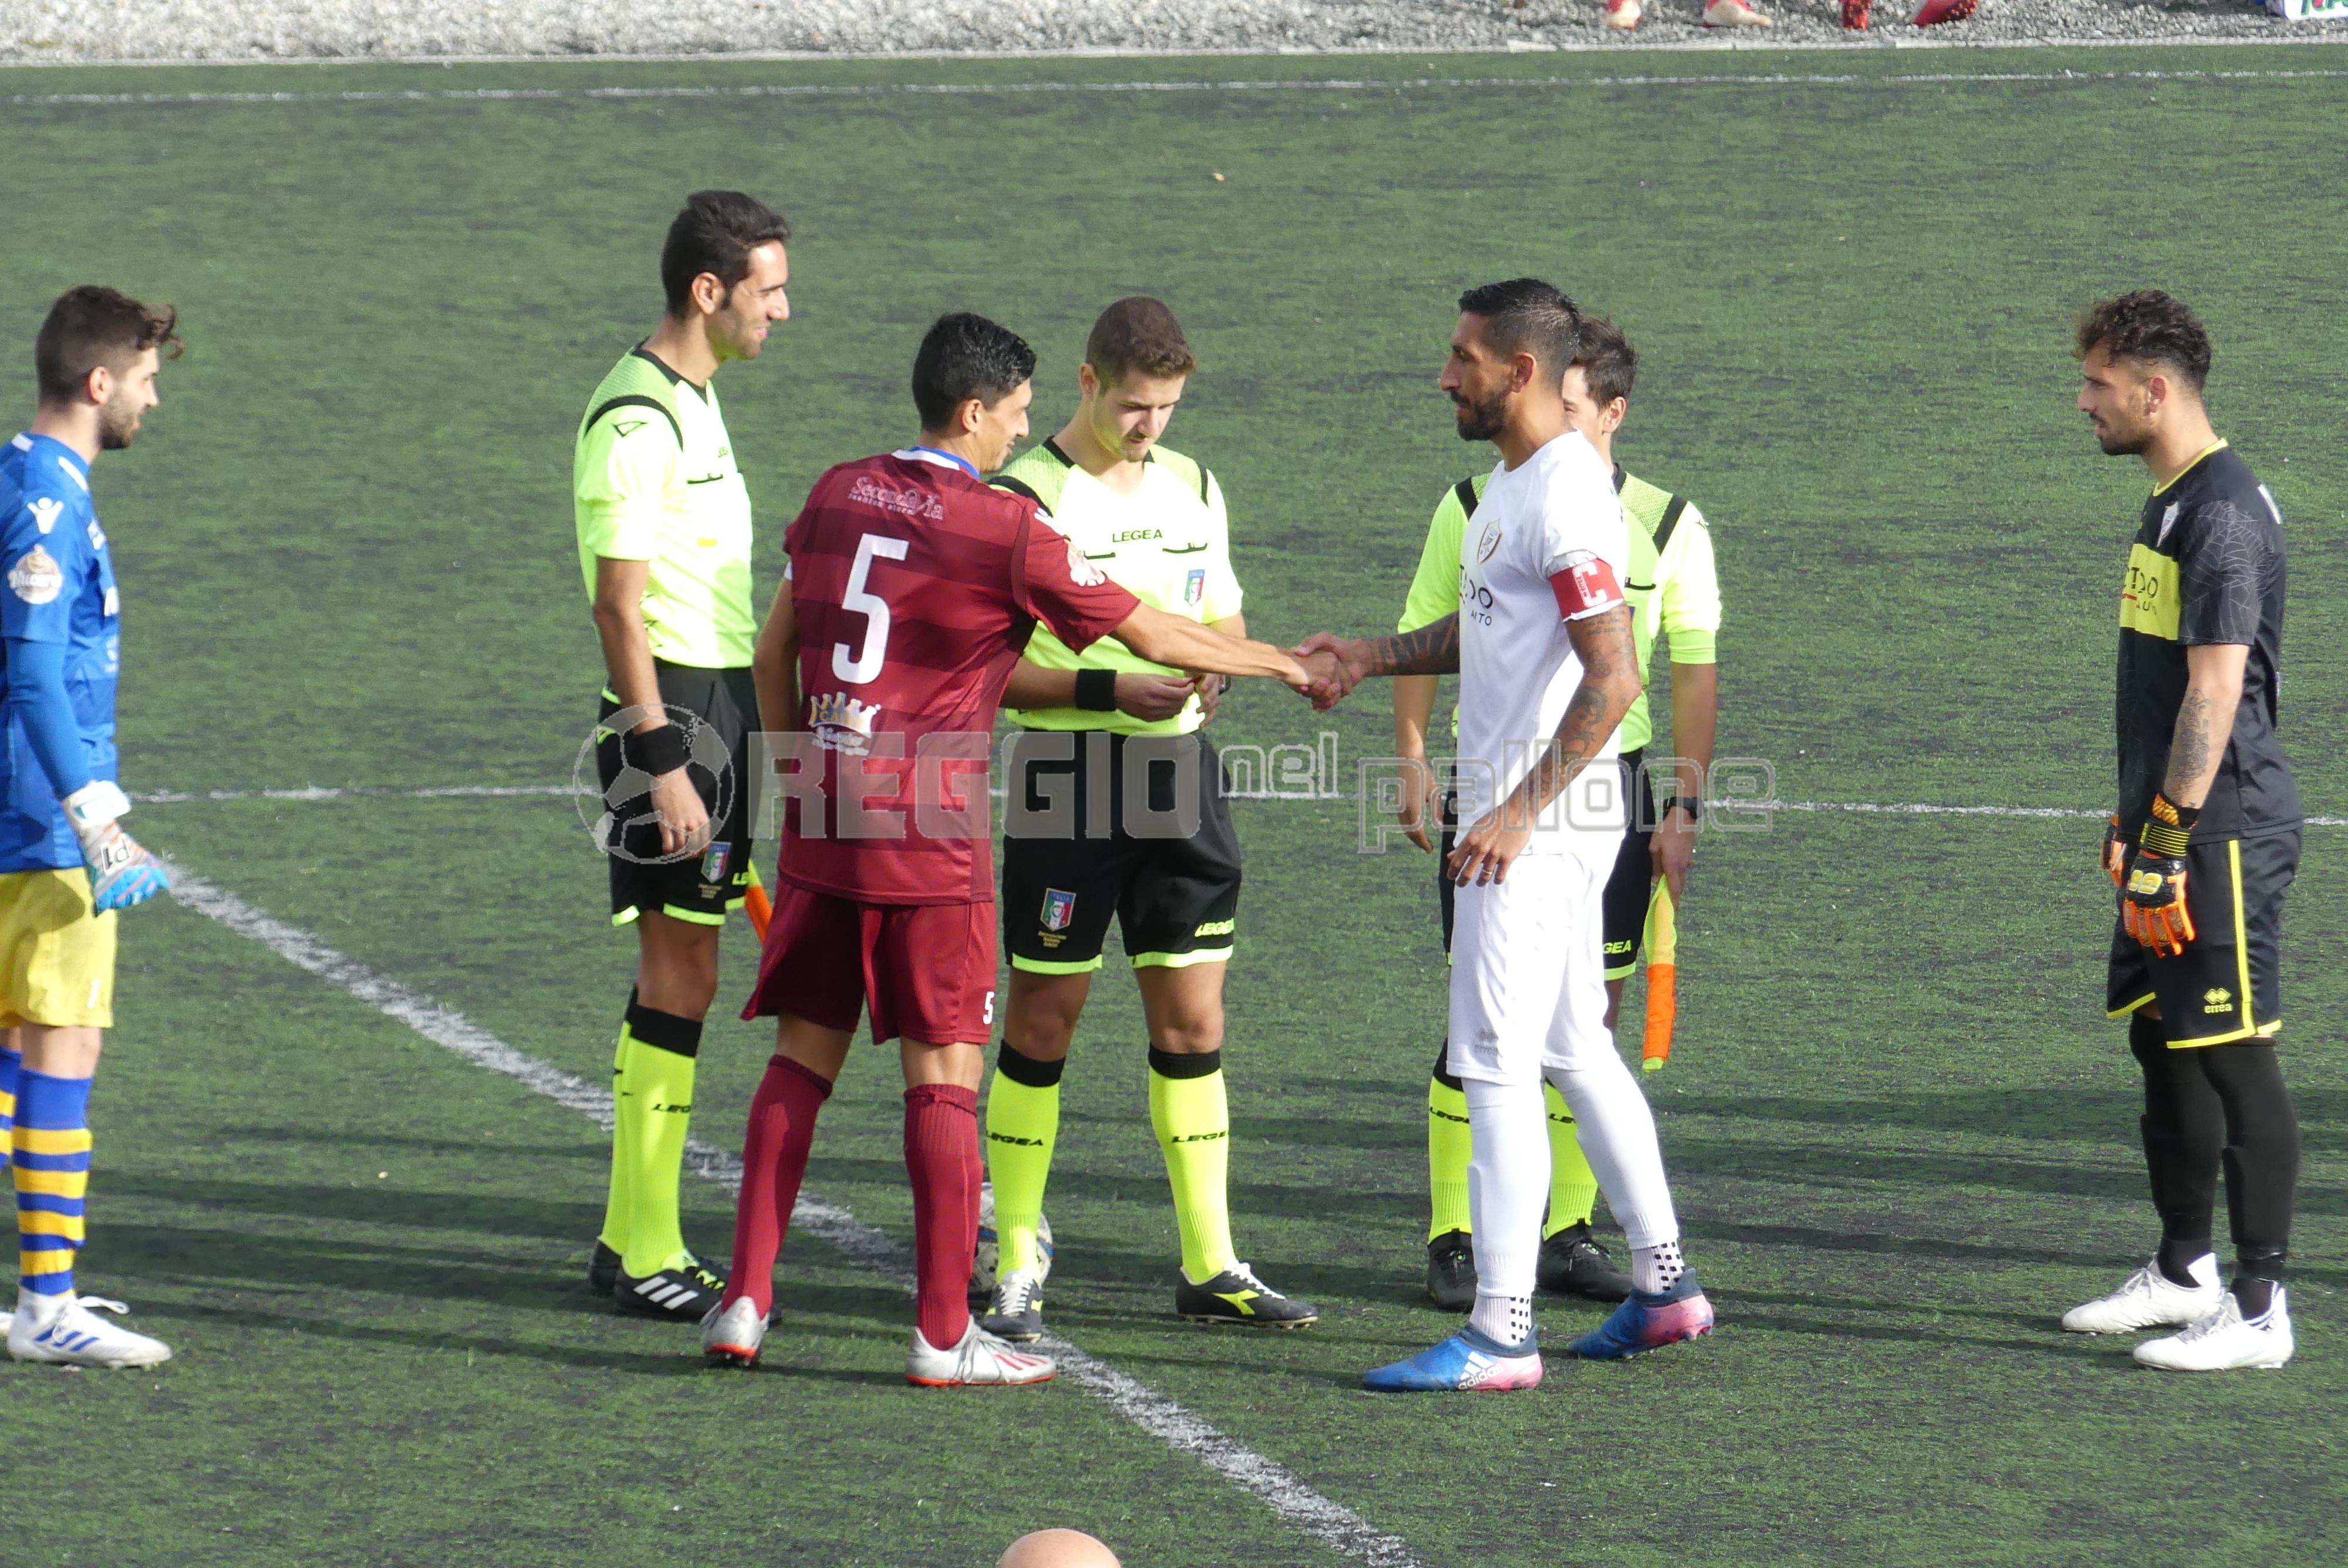 Reggiomediterranea-Locri 2-1, tabellino e voti della sfida - Reggio Nel Pallone